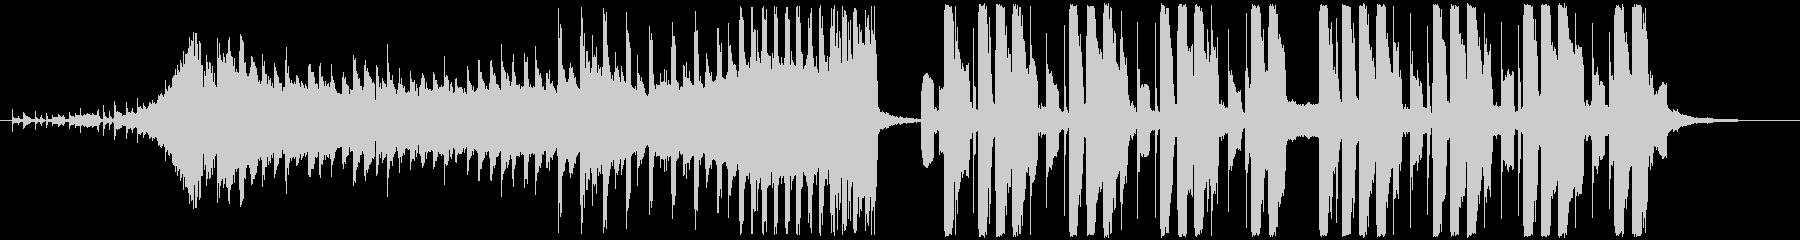 CMやイメージビデオに合うスタイリッシュの未再生の波形